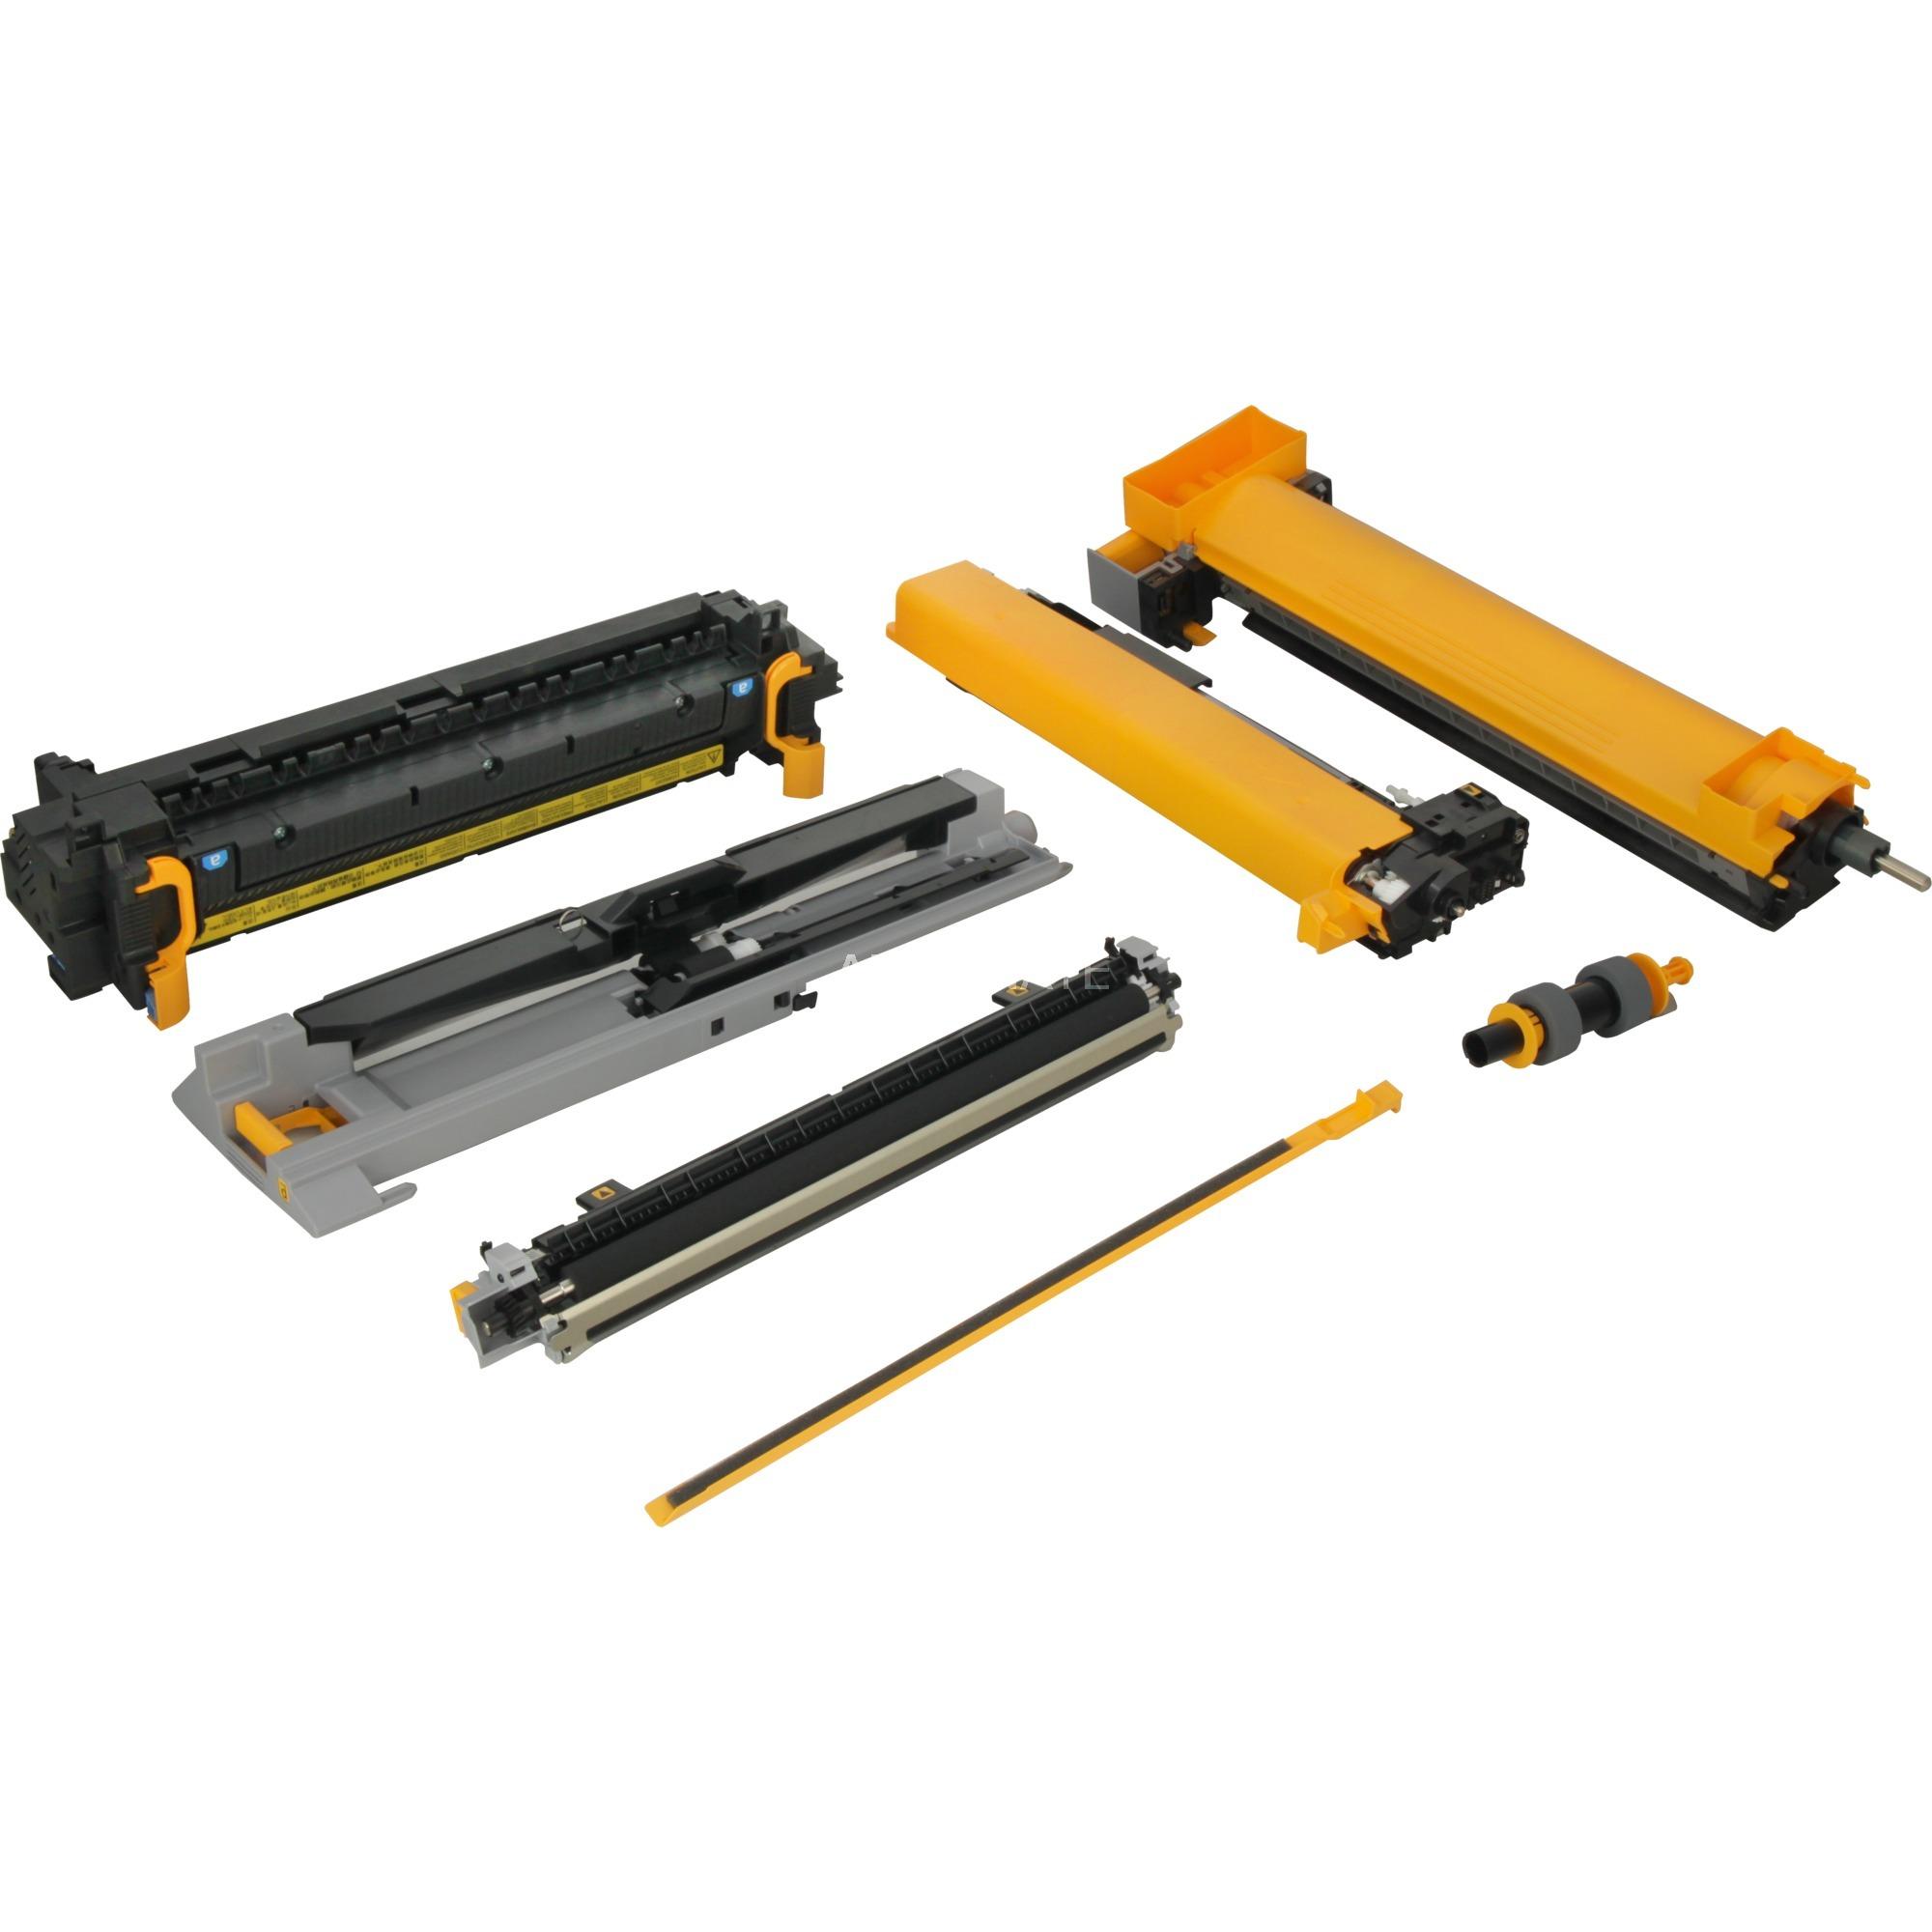 MK-475 Kit para impresoras, Unidad de mantenimiento